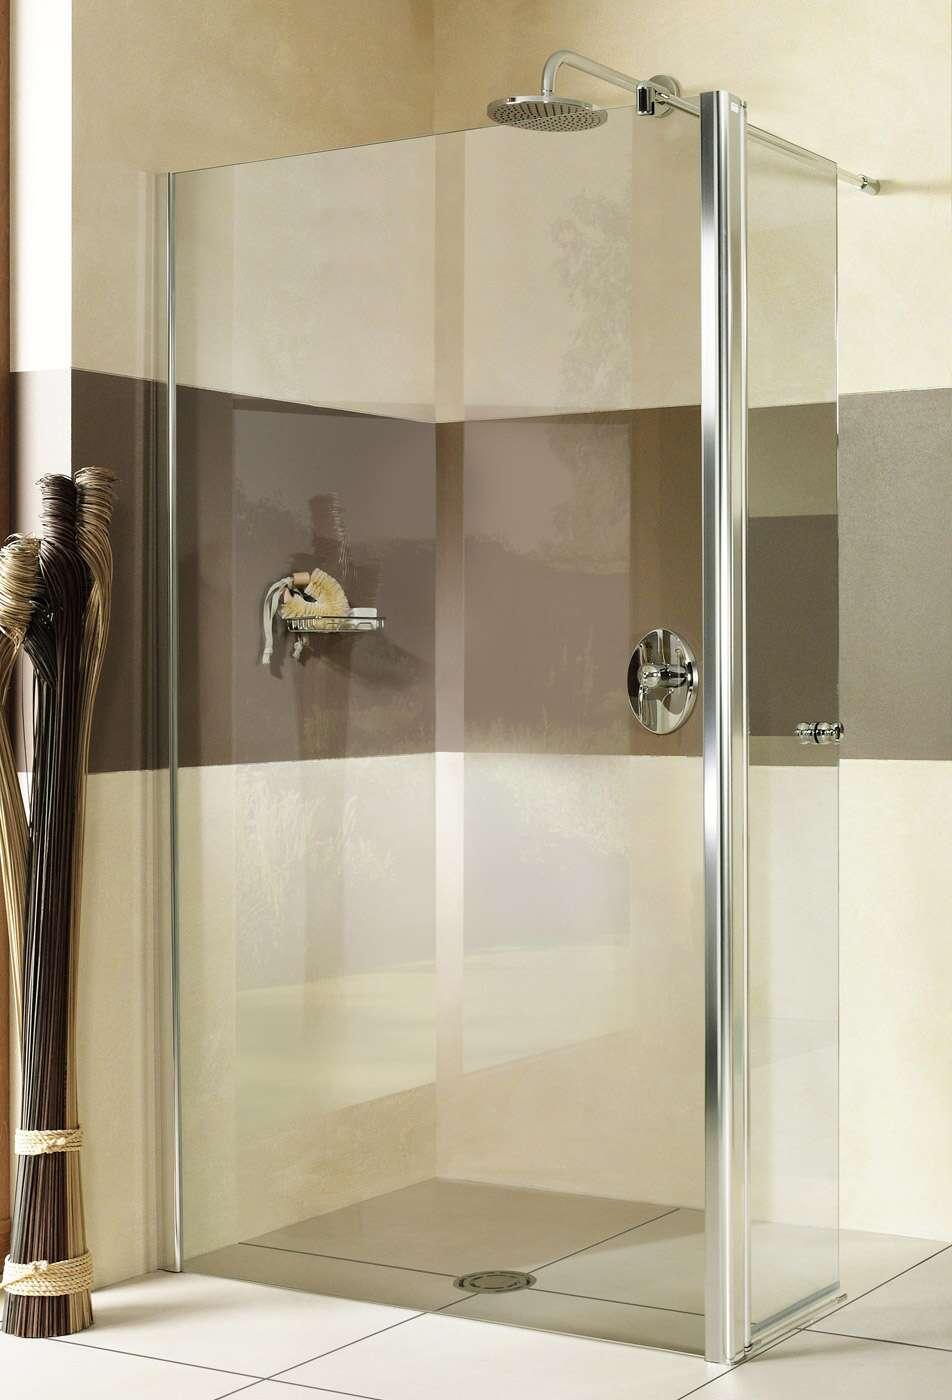 breuer entra duschwand alleinstehend mit beweg element quick 2019 fff. Black Bedroom Furniture Sets. Home Design Ideas